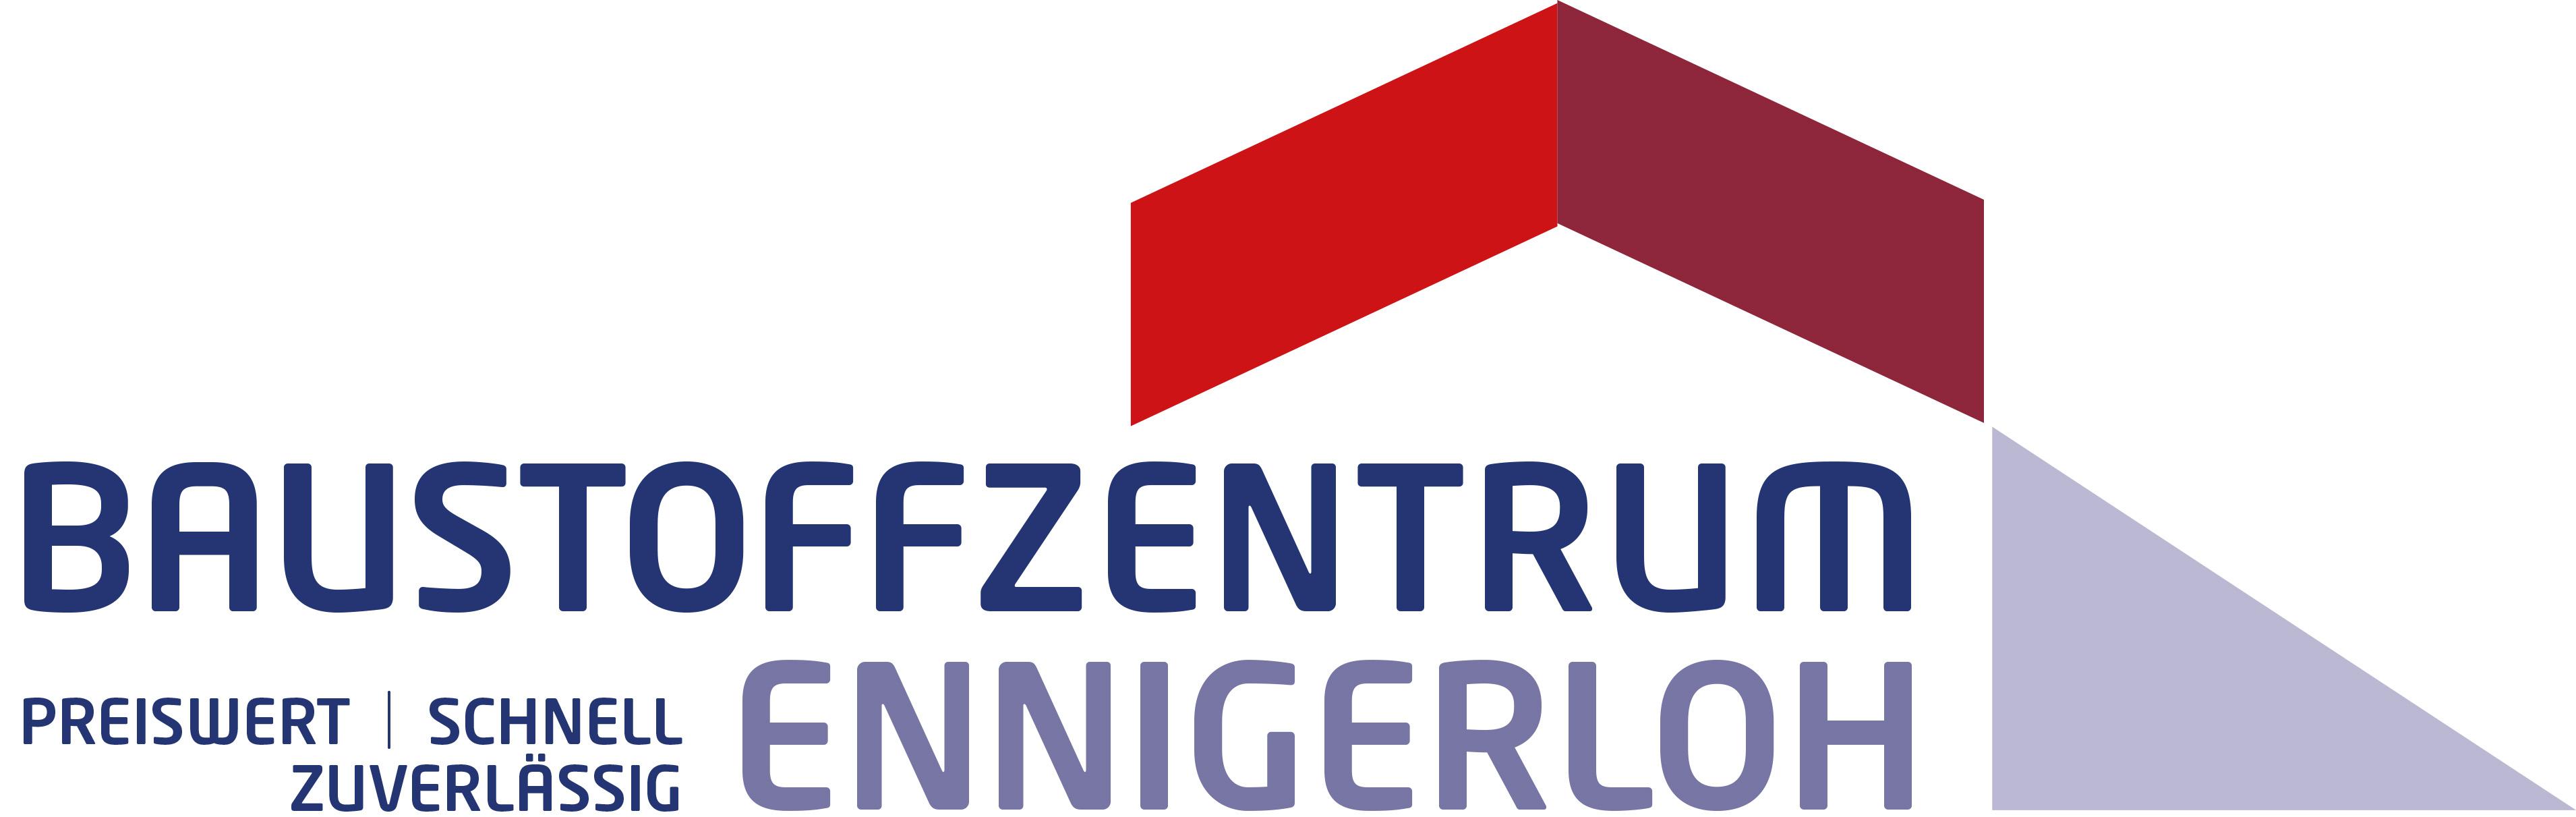 Baustoffzentrum Ennigerloh